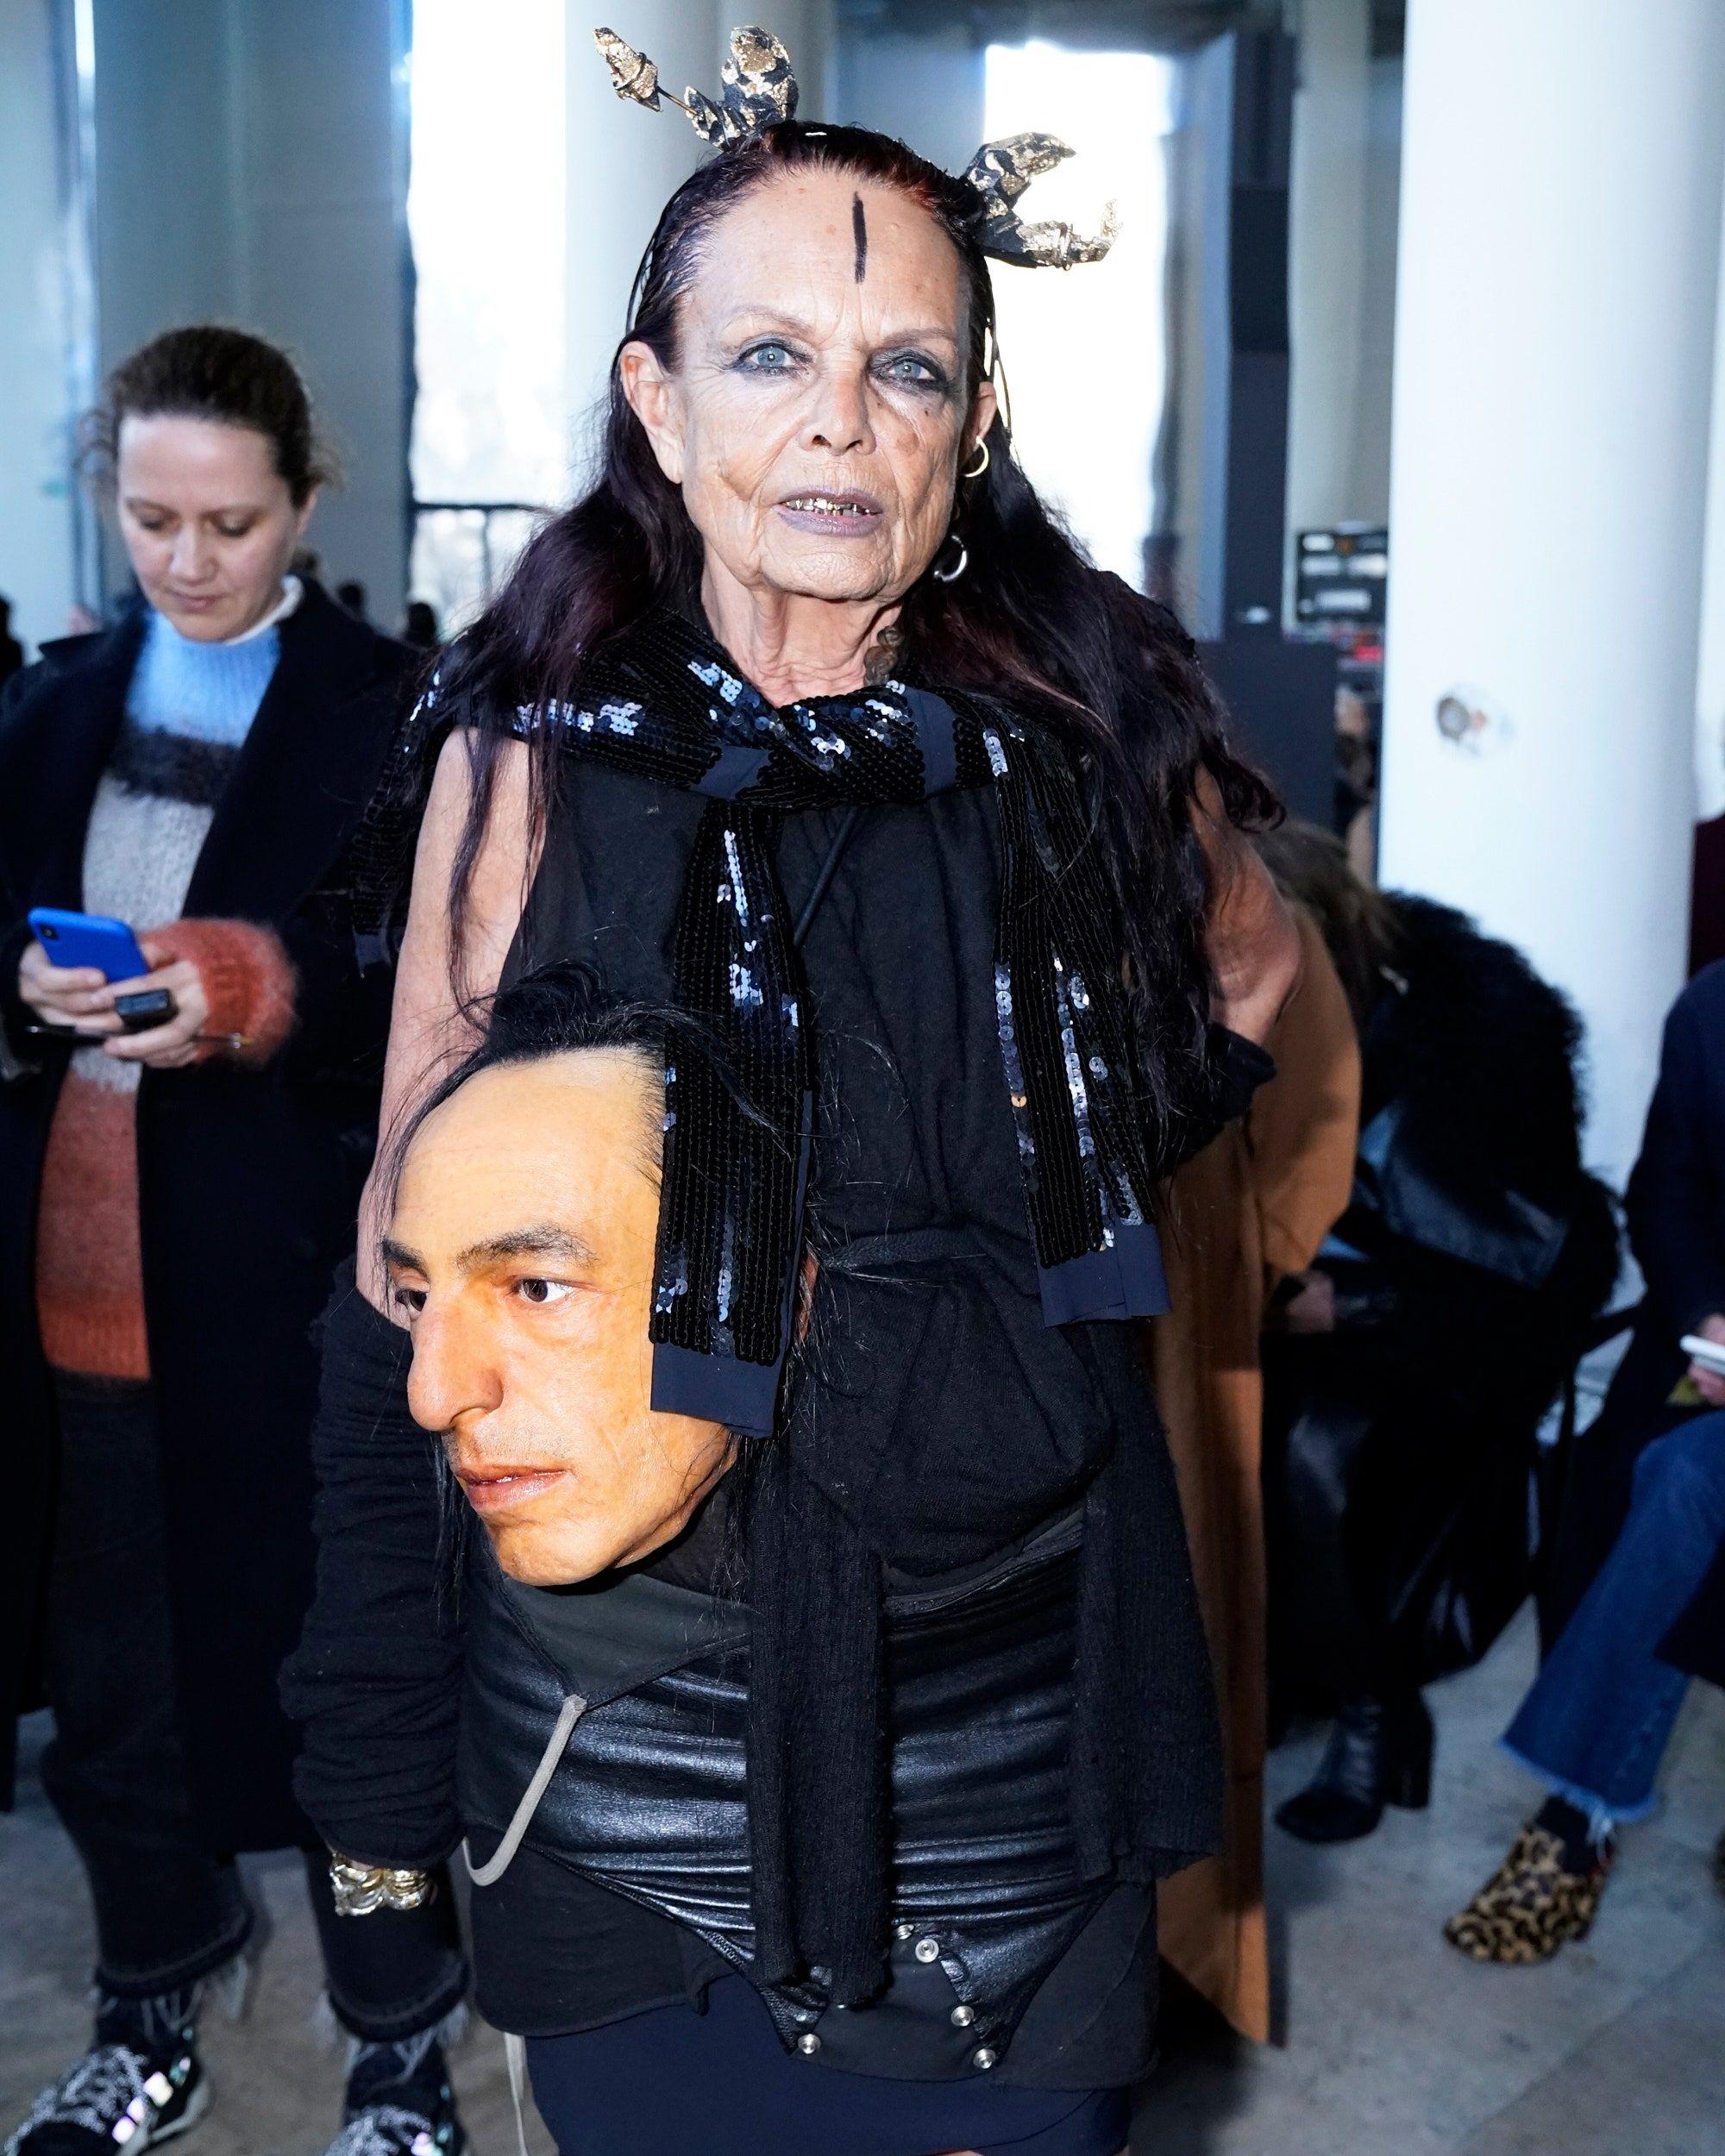 Мишель Лами с имитацией головы Рика Оуэнса на шоу Rick Owens Fall/Winter 2020 RTW